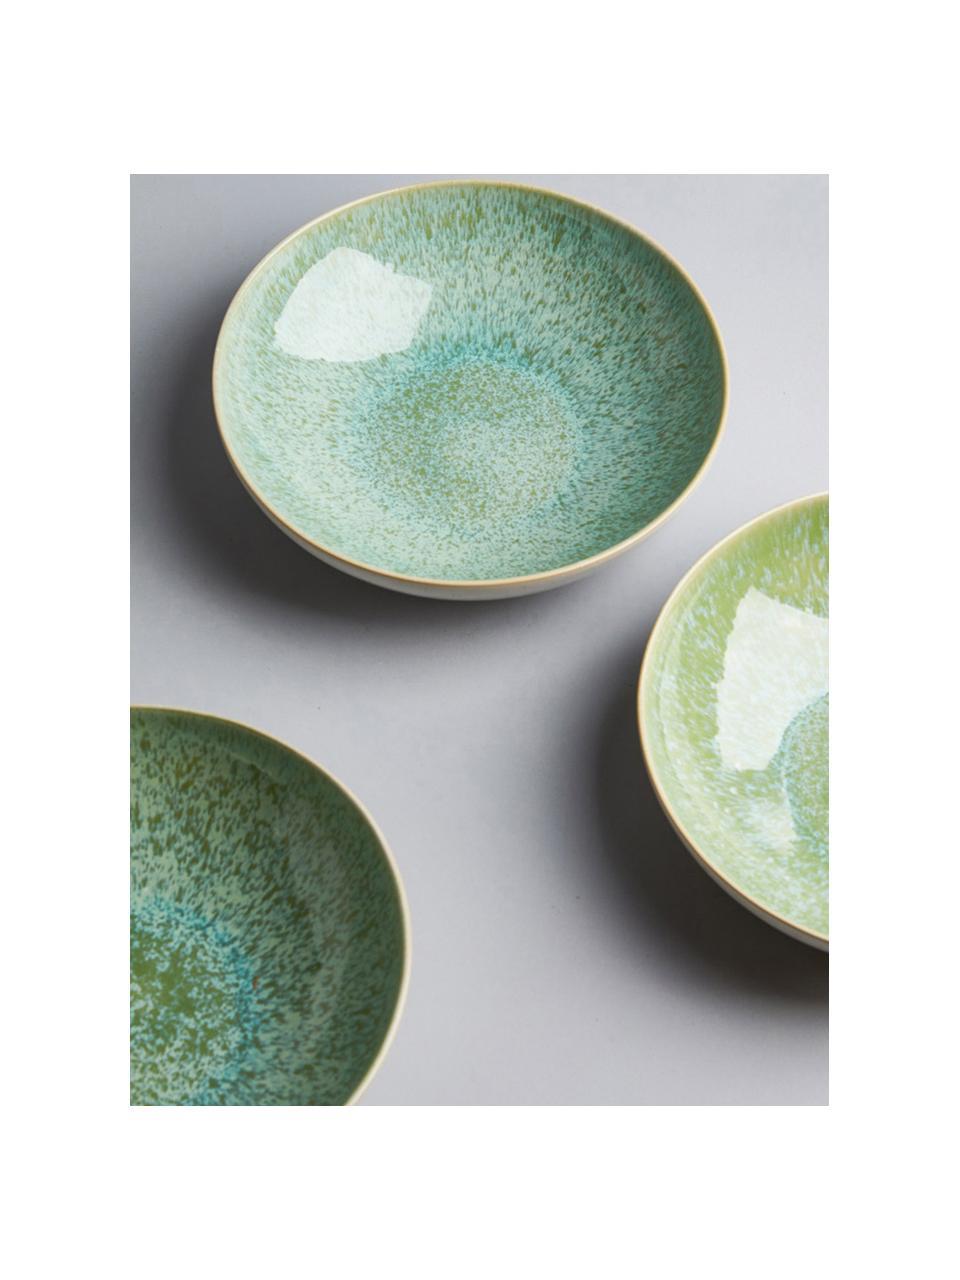 Handbeschilderde serveerschaal Areia met reactief glazuur, Ø 22 cm, Keramiek, Mintkleurig, gebroken wit, beige, Ø 22 x H 5 cm